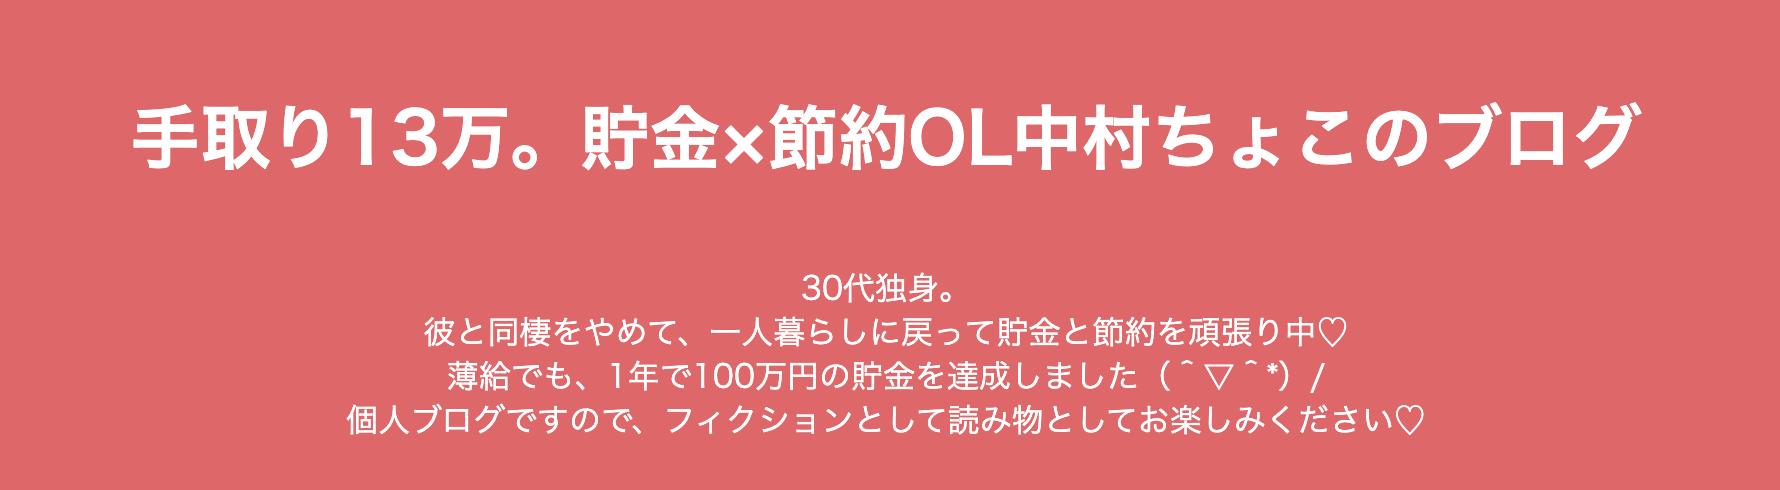 貯金×節約OL中村ちょこのブログ